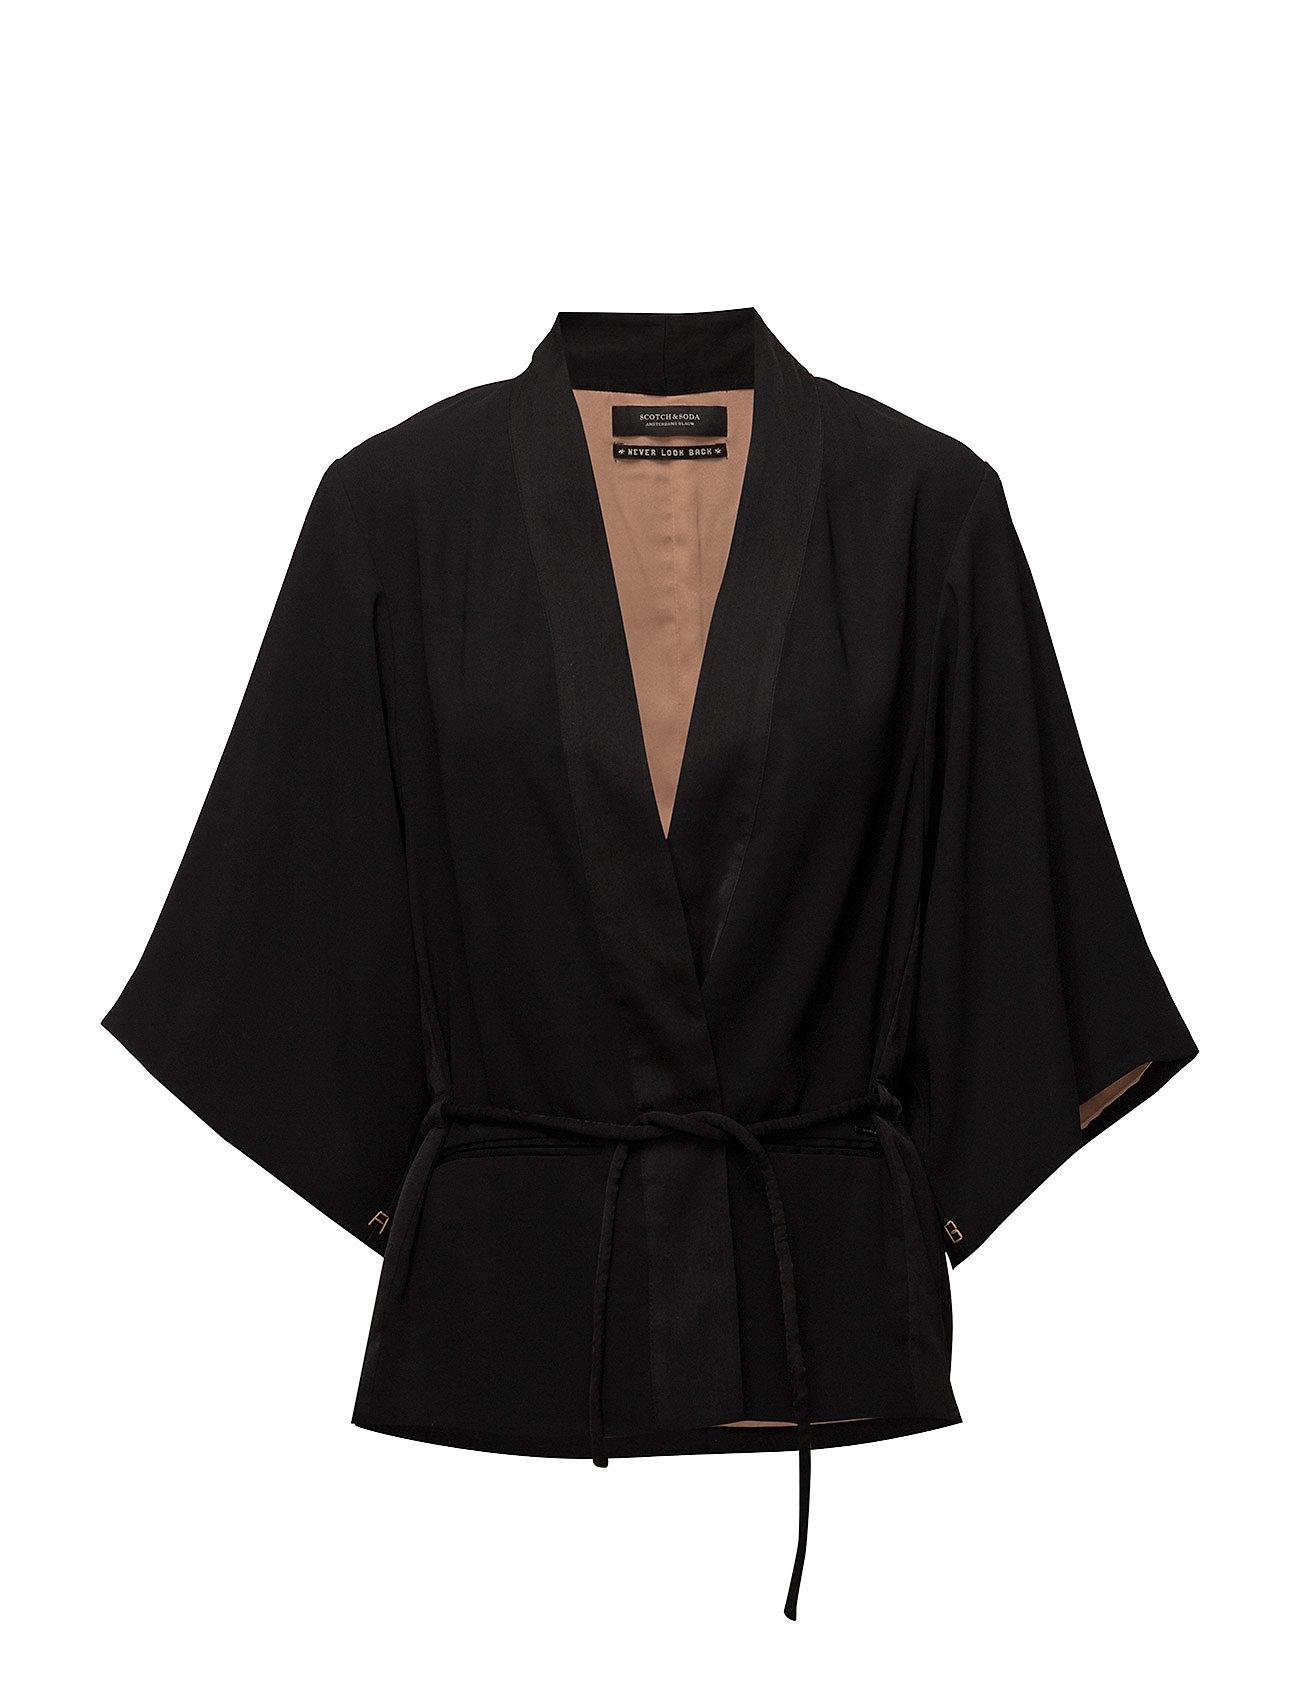 Scotch & Soda Celebration kimono blazer